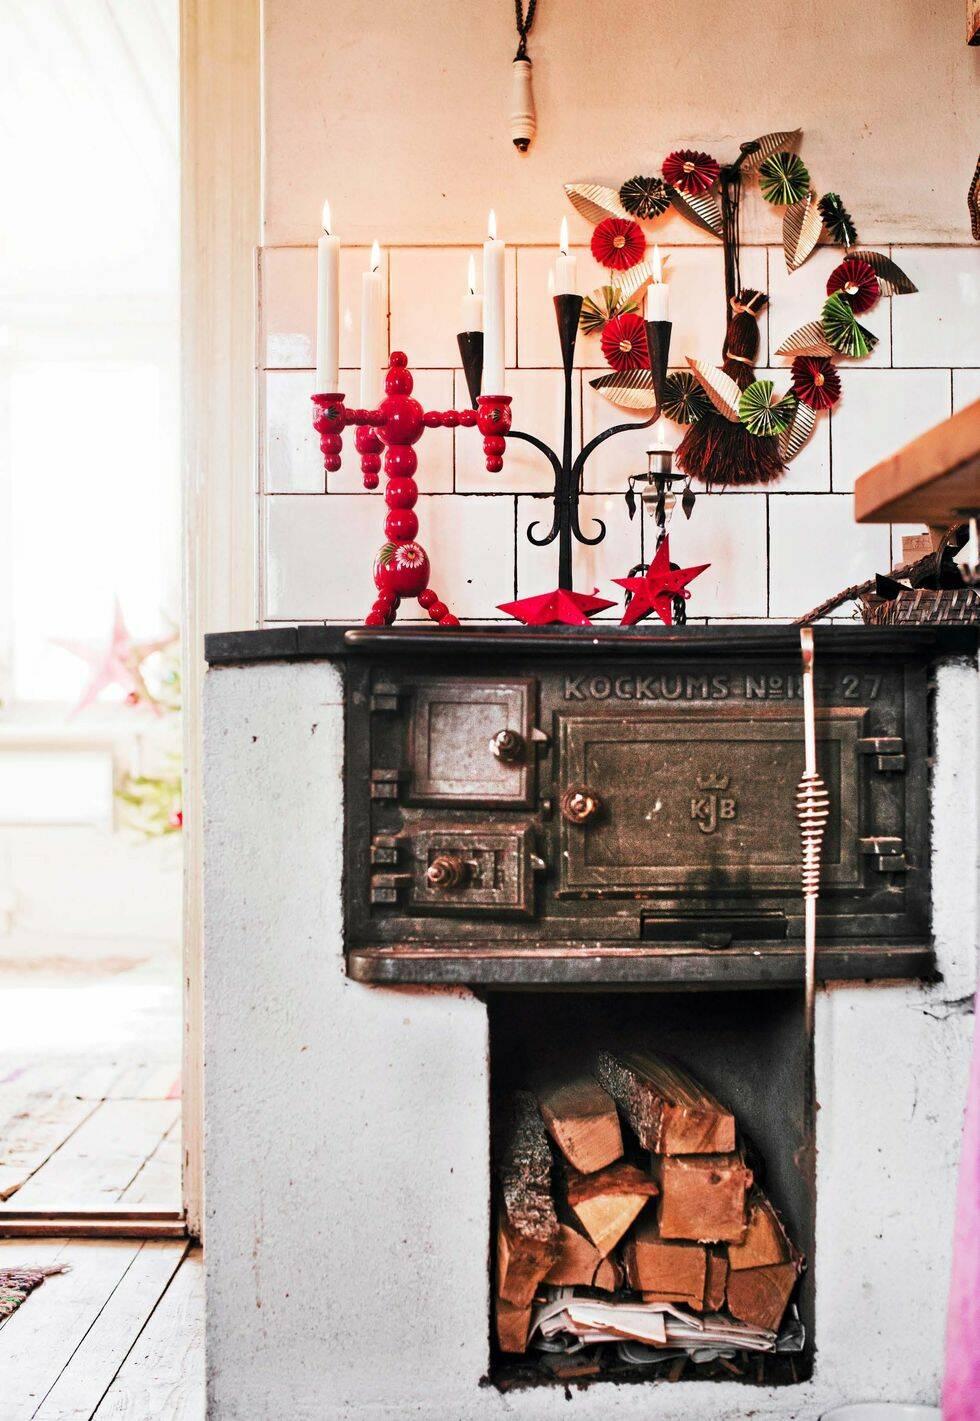 Inspireras av det här vackra gamla huset med fokus på återbruk